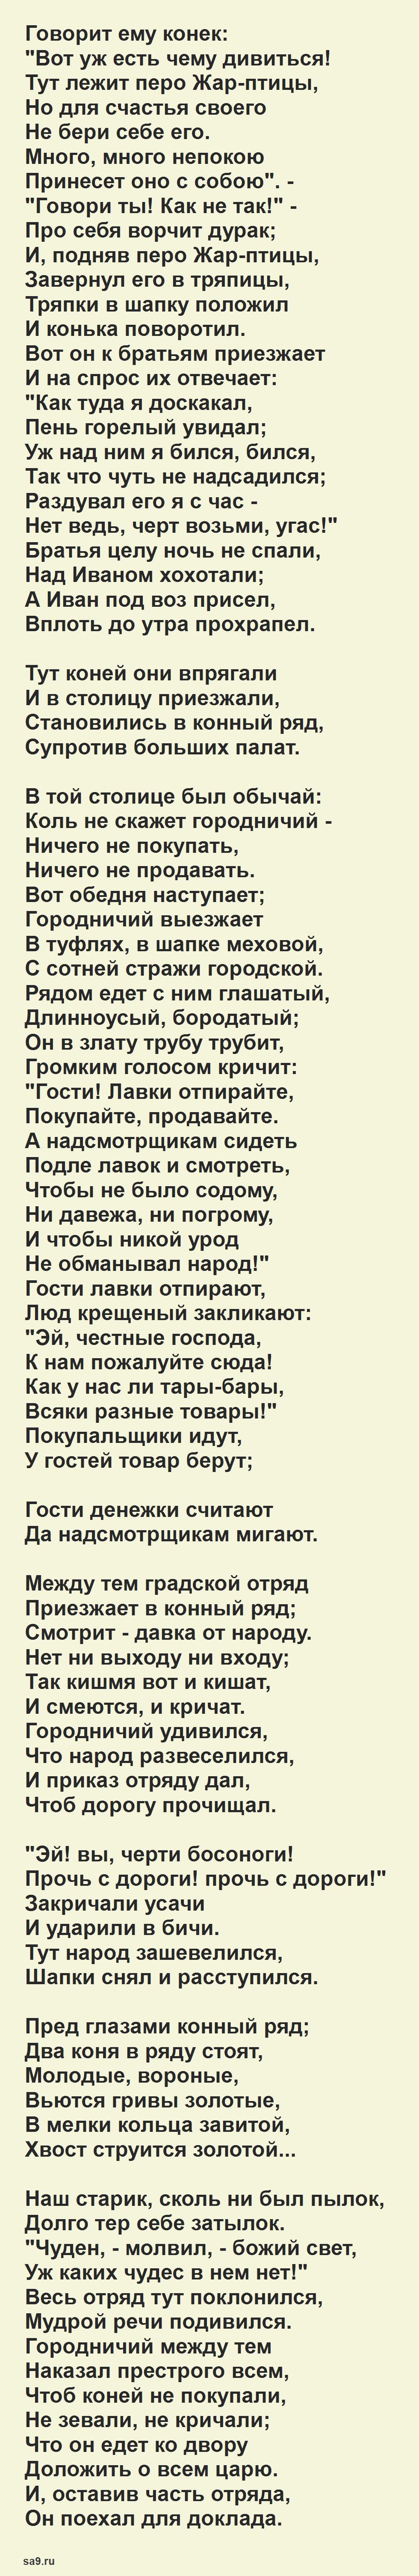 Ершов 'Конек-Горбунок', сказка для детей